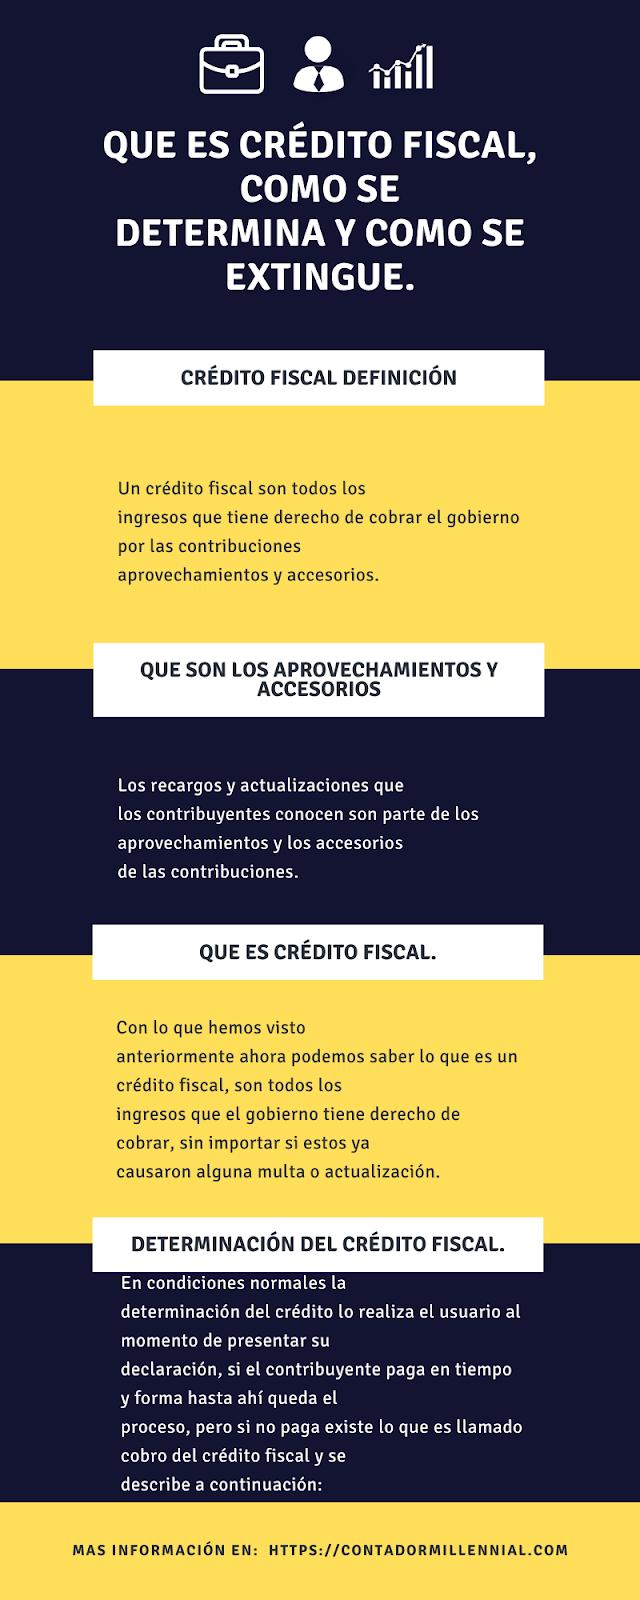 Infografia del proceso de determinación del crédito fiscal -Contador Millennial